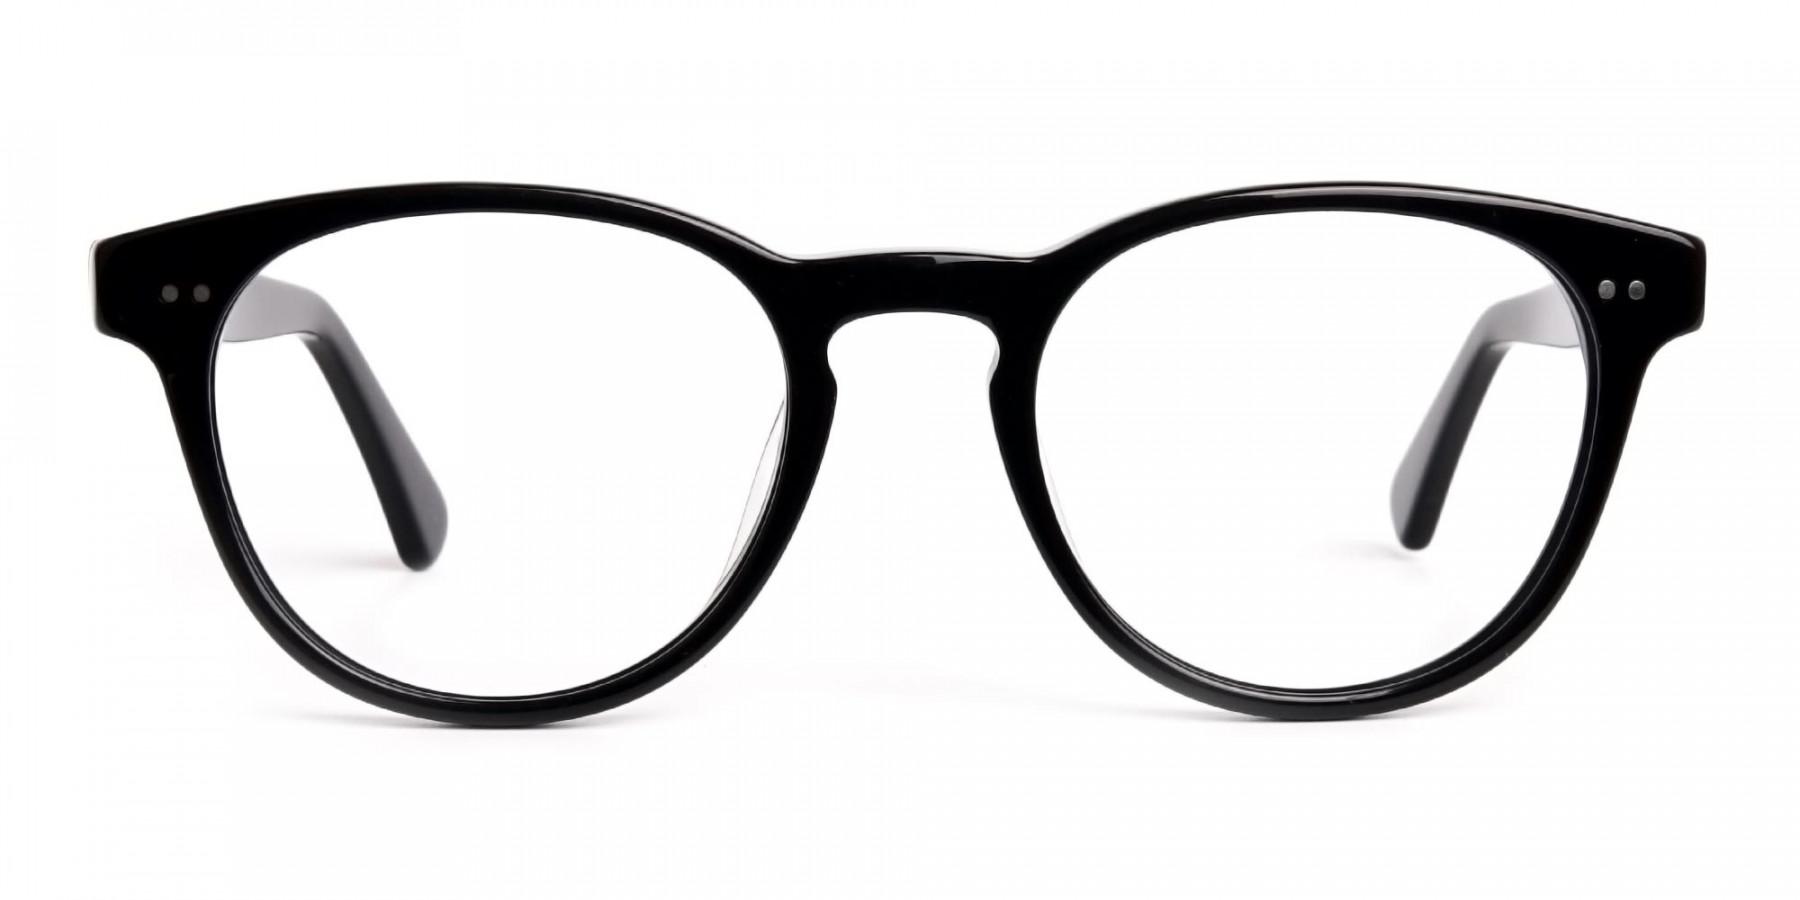 designer-or-trendy-black-full-rim-round-glasses-frames-1